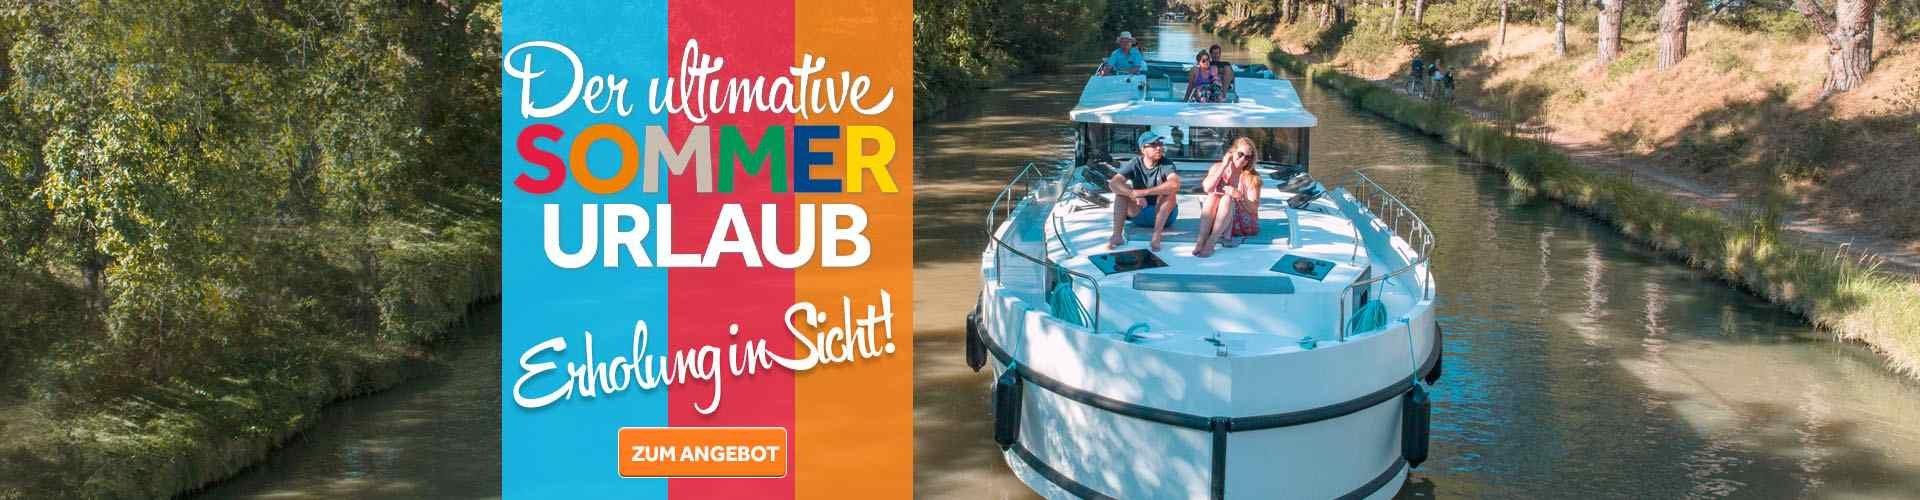 Der ultimative Sommer-Urlaub - Erholung in Sicht!